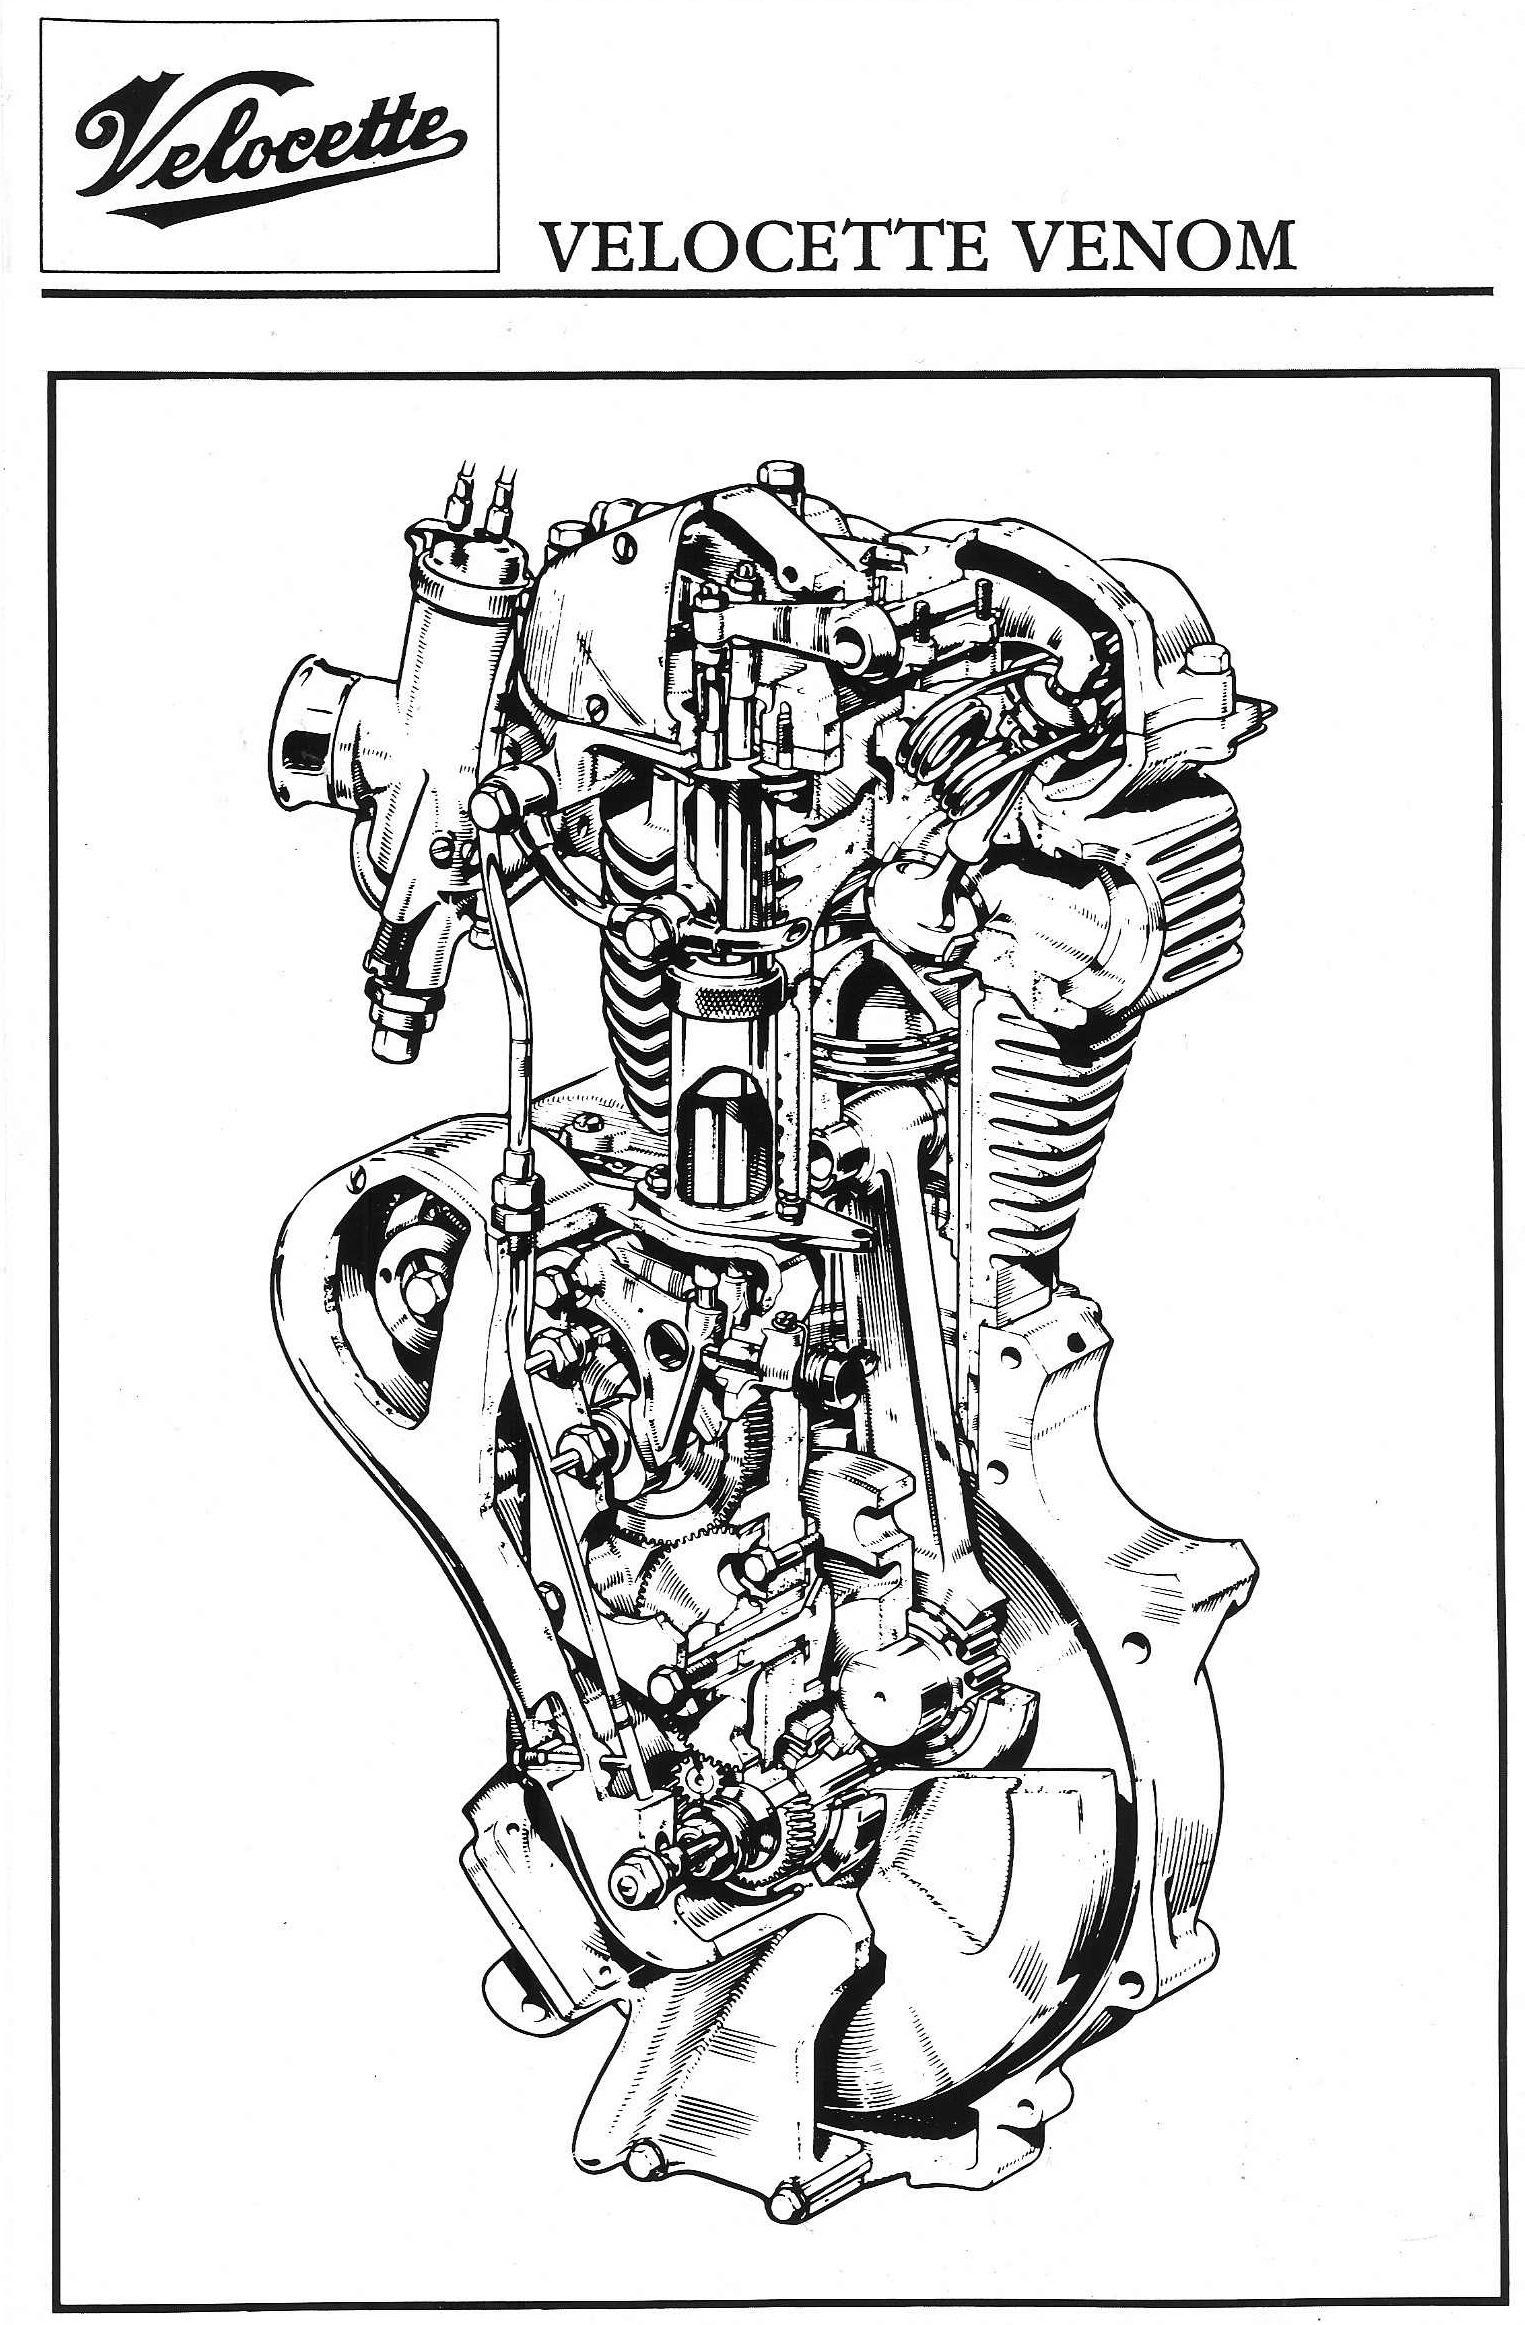 Venom Motor